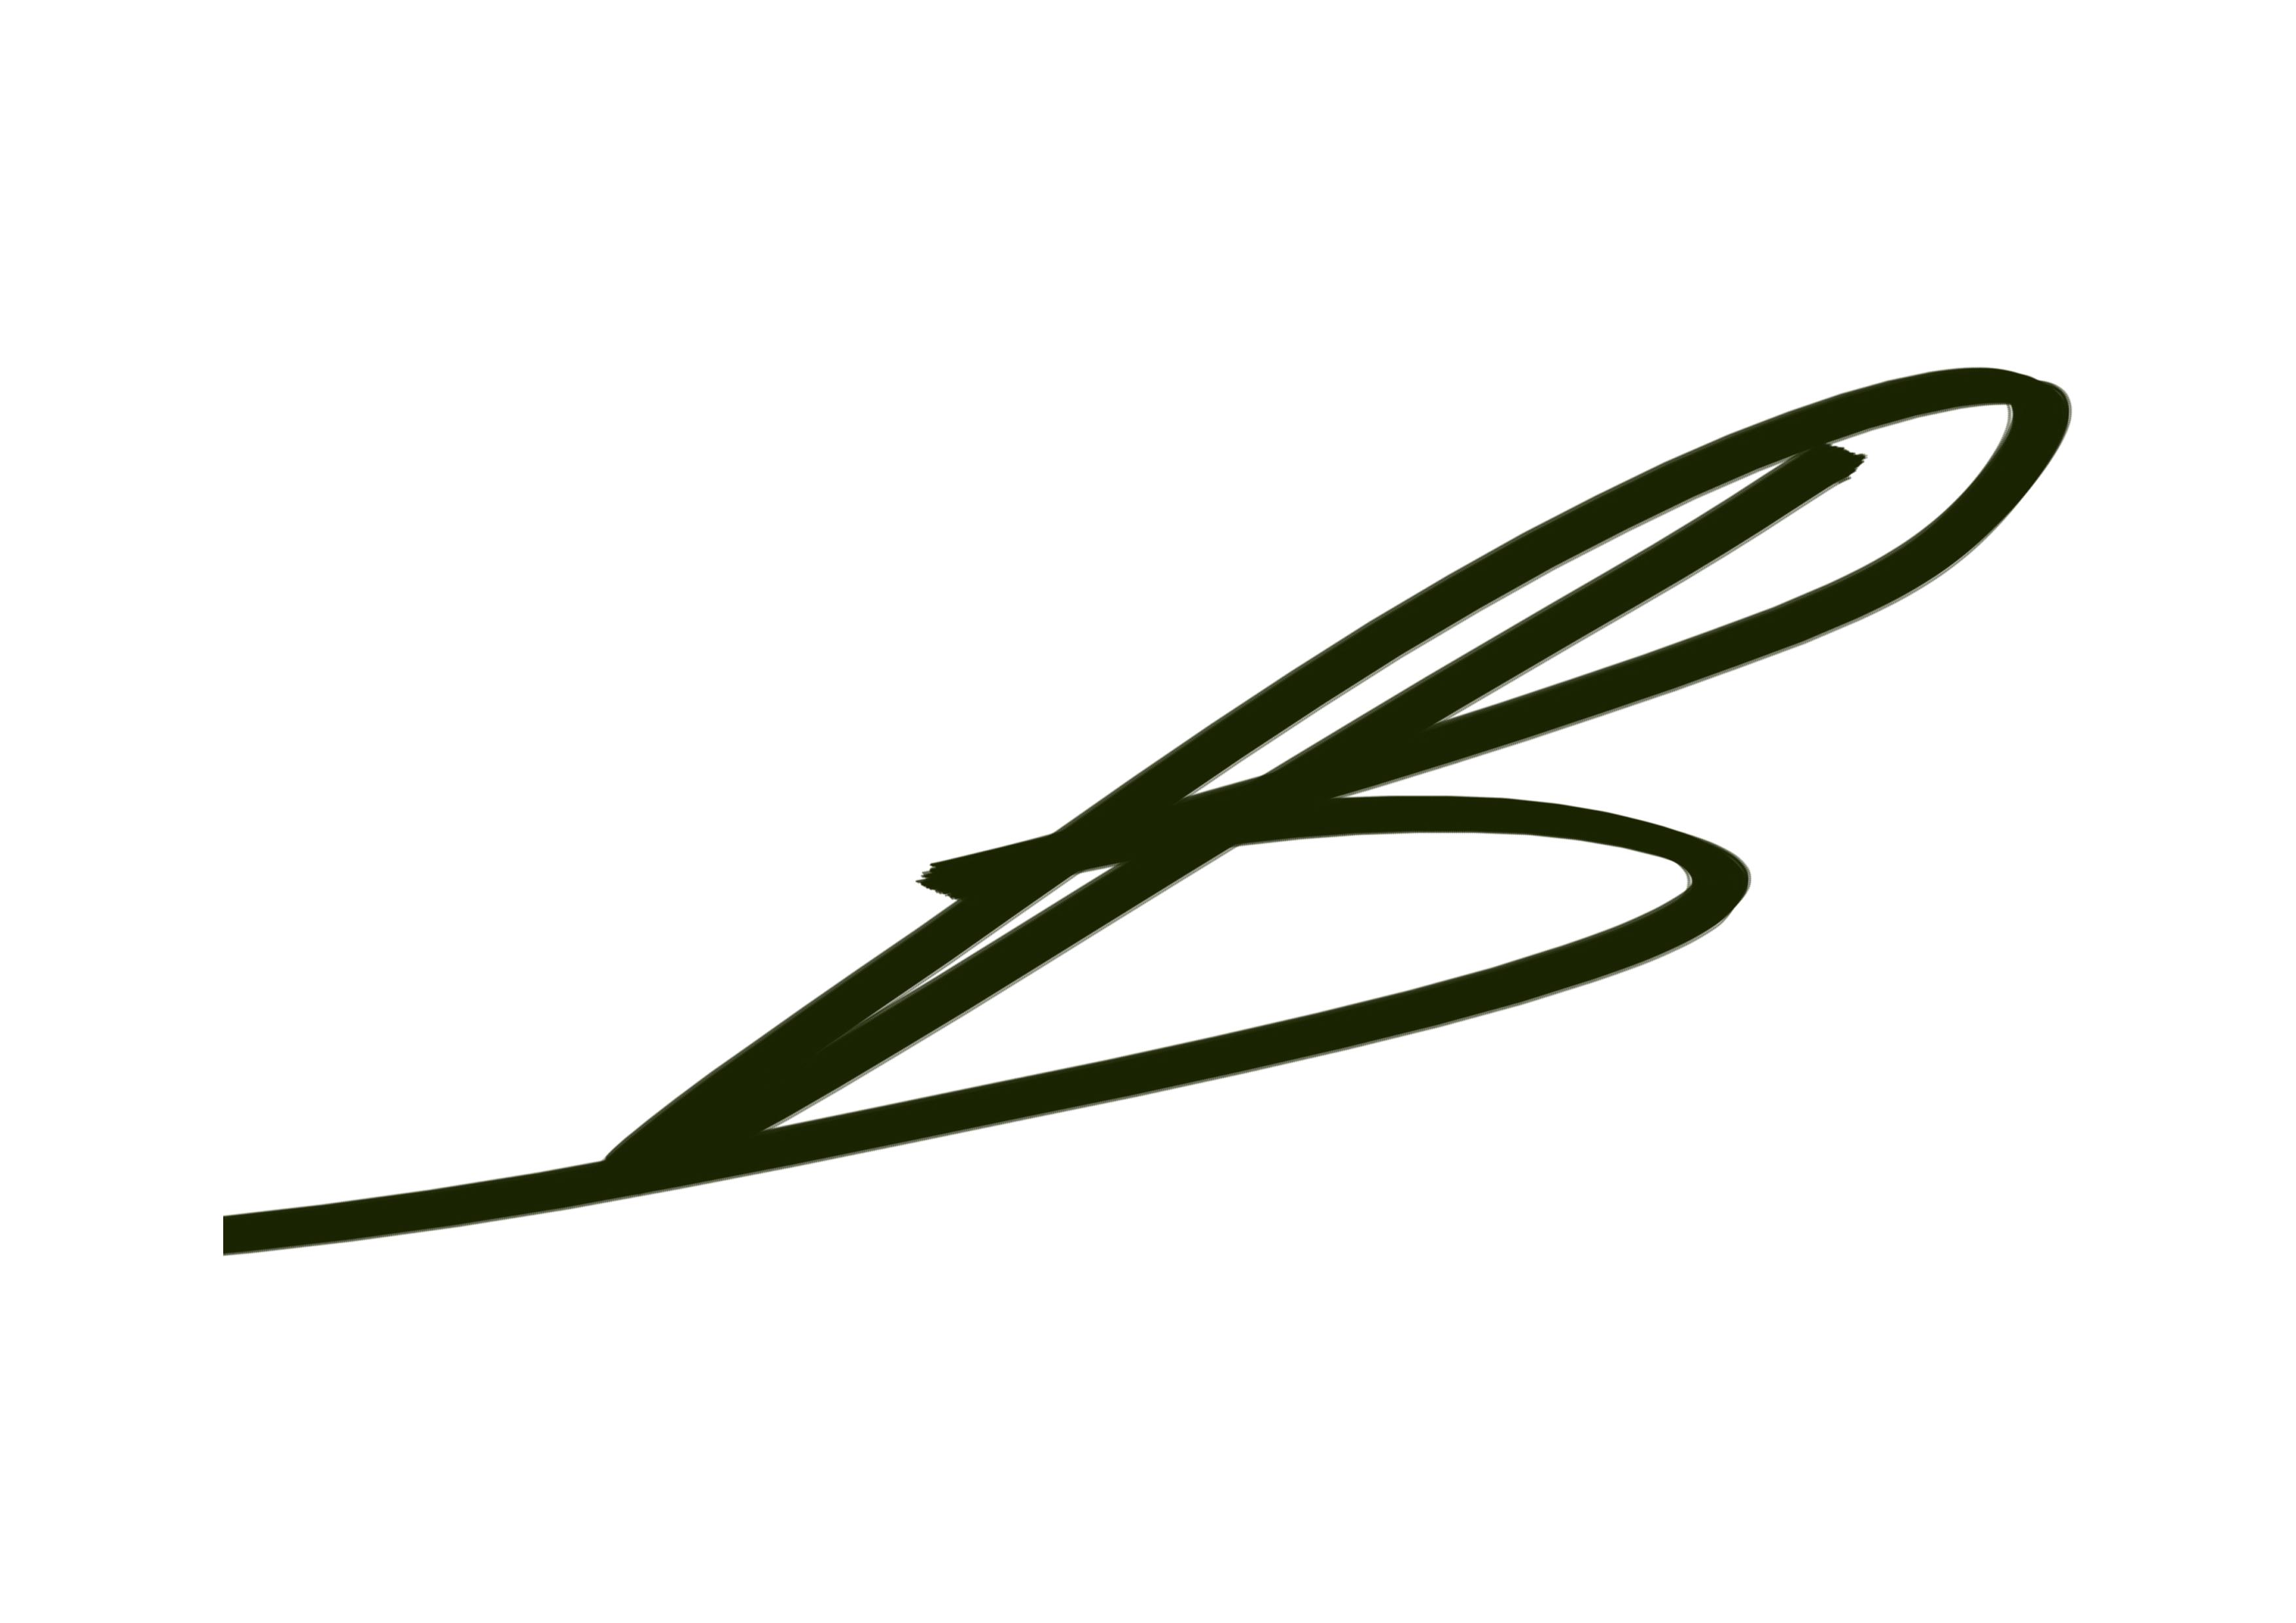 Burkhan Baykara's Signature